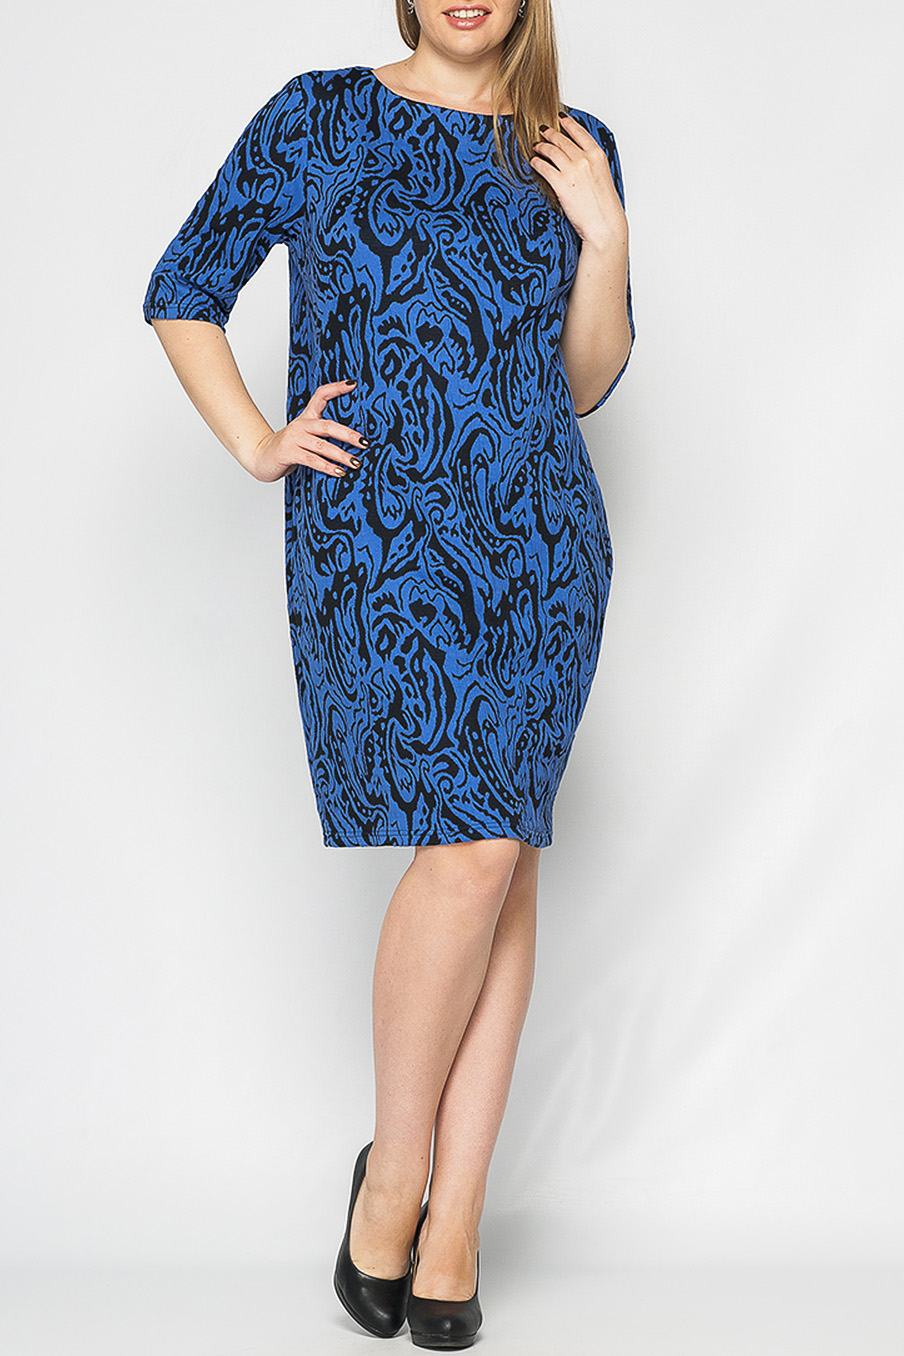 ПлатьеПлатья<br>Платье женское из трикотажа, О-образного силуэта. Рукав втачной, до локтя. Горловина круглая, обработана обтачкой.   Параметры изделия:  для 46 размера: обхват груди - 98 см. обхват по линии бедер - 106 см. длина изделия - 92,5 см.  для 50 размера: обхват груди - 106 см. обхват по линии бедер - 114 см. длина изделия - 94 см.  Рост девушки-фотомодели 170 см  Цвет: синий, черный<br><br>Горловина: С- горловина<br>По длине: До колена<br>По материалу: Трикотаж<br>По образу: Город,Свидание<br>По рисунку: С принтом,Цветные<br>По силуэту: Свободные<br>По стилю: Повседневный стиль<br>Рукав: До локтя<br>По сезону: Осень,Весна,Зима<br>Размер : 42,44,46<br>Материал: Трикотаж<br>Количество в наличии: 3